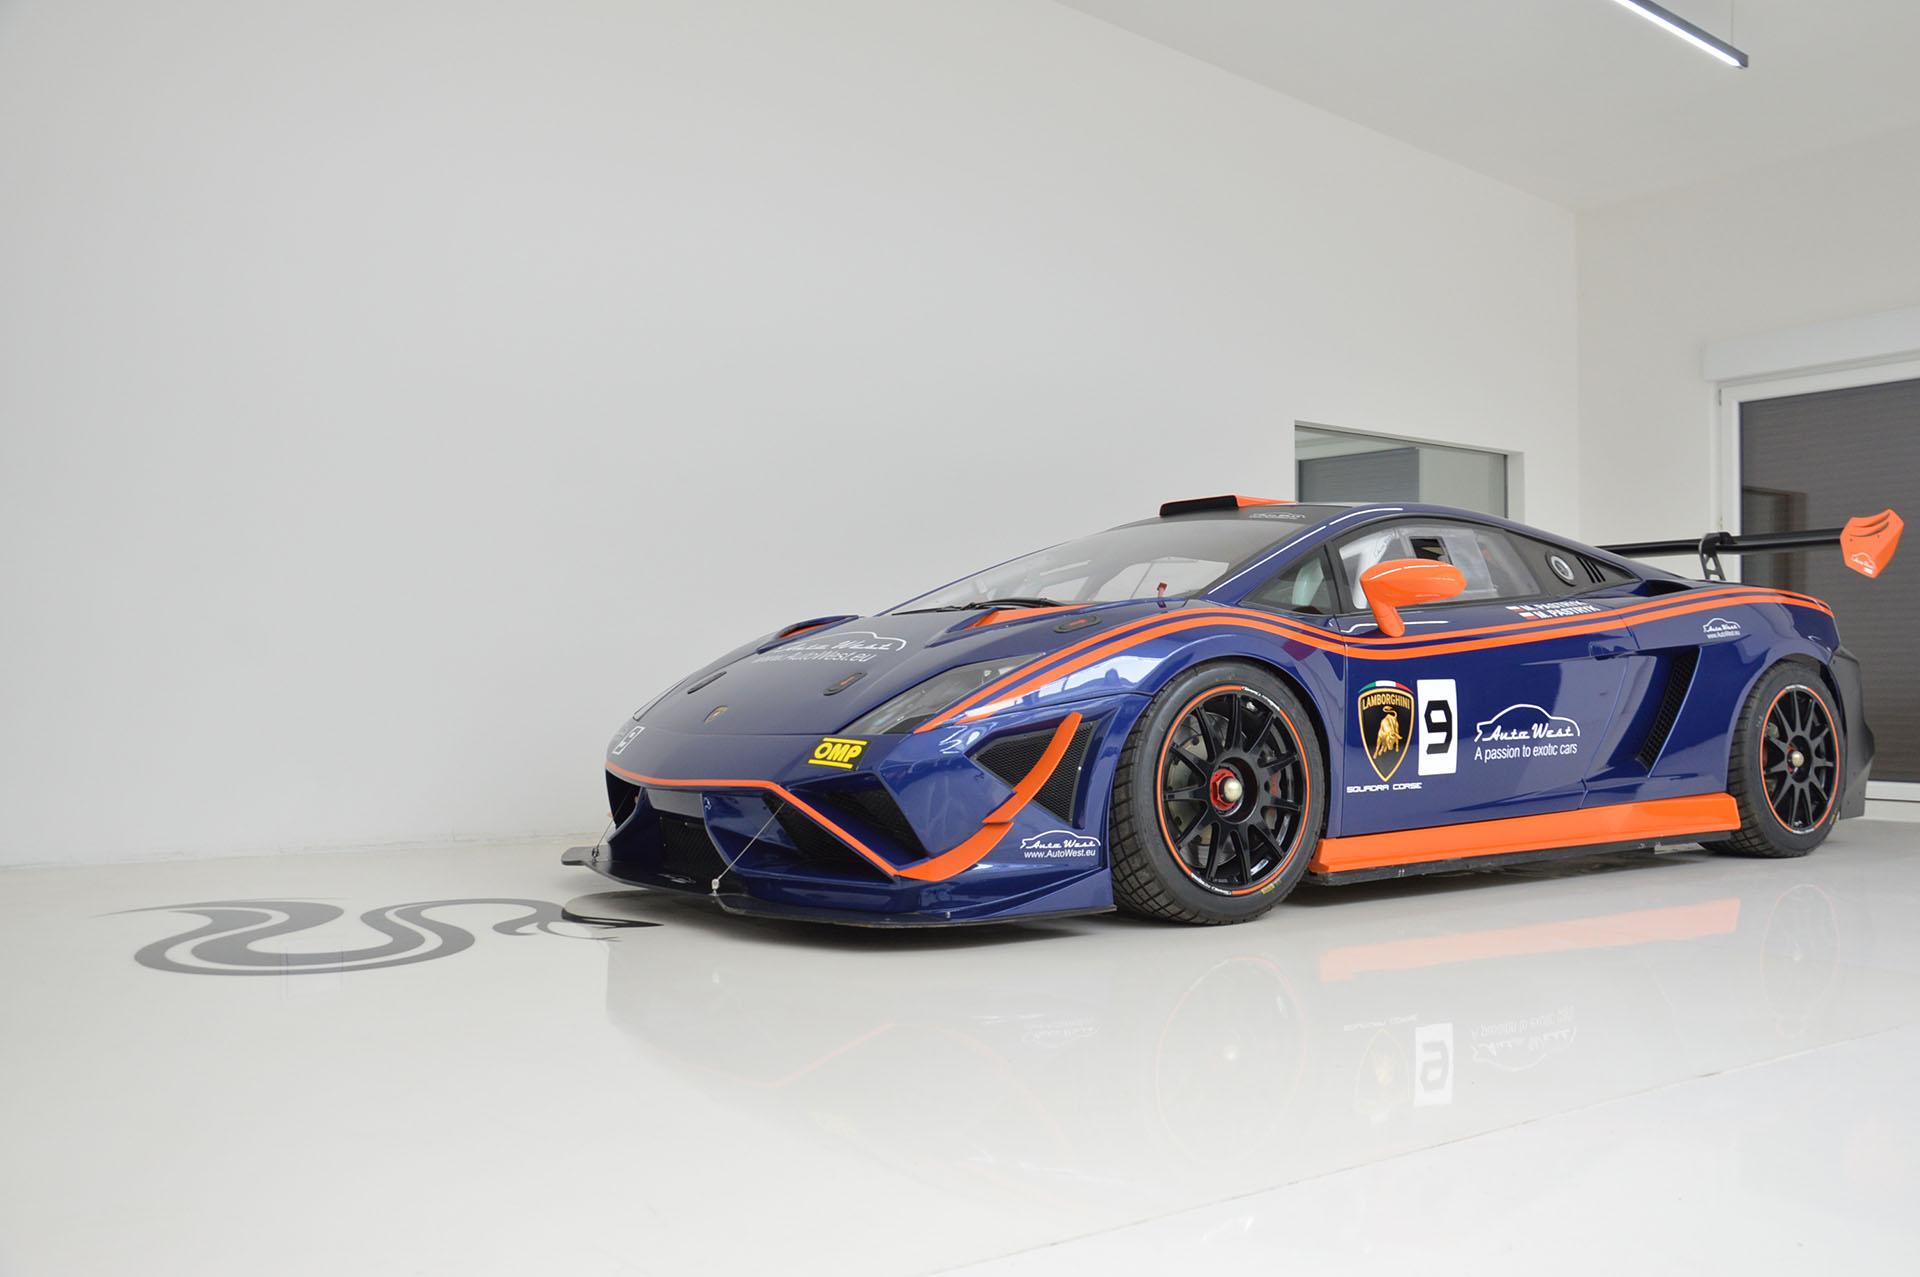 Lamborghini Gallardo Lp570 4 Super Trofeo Ecpsgroup